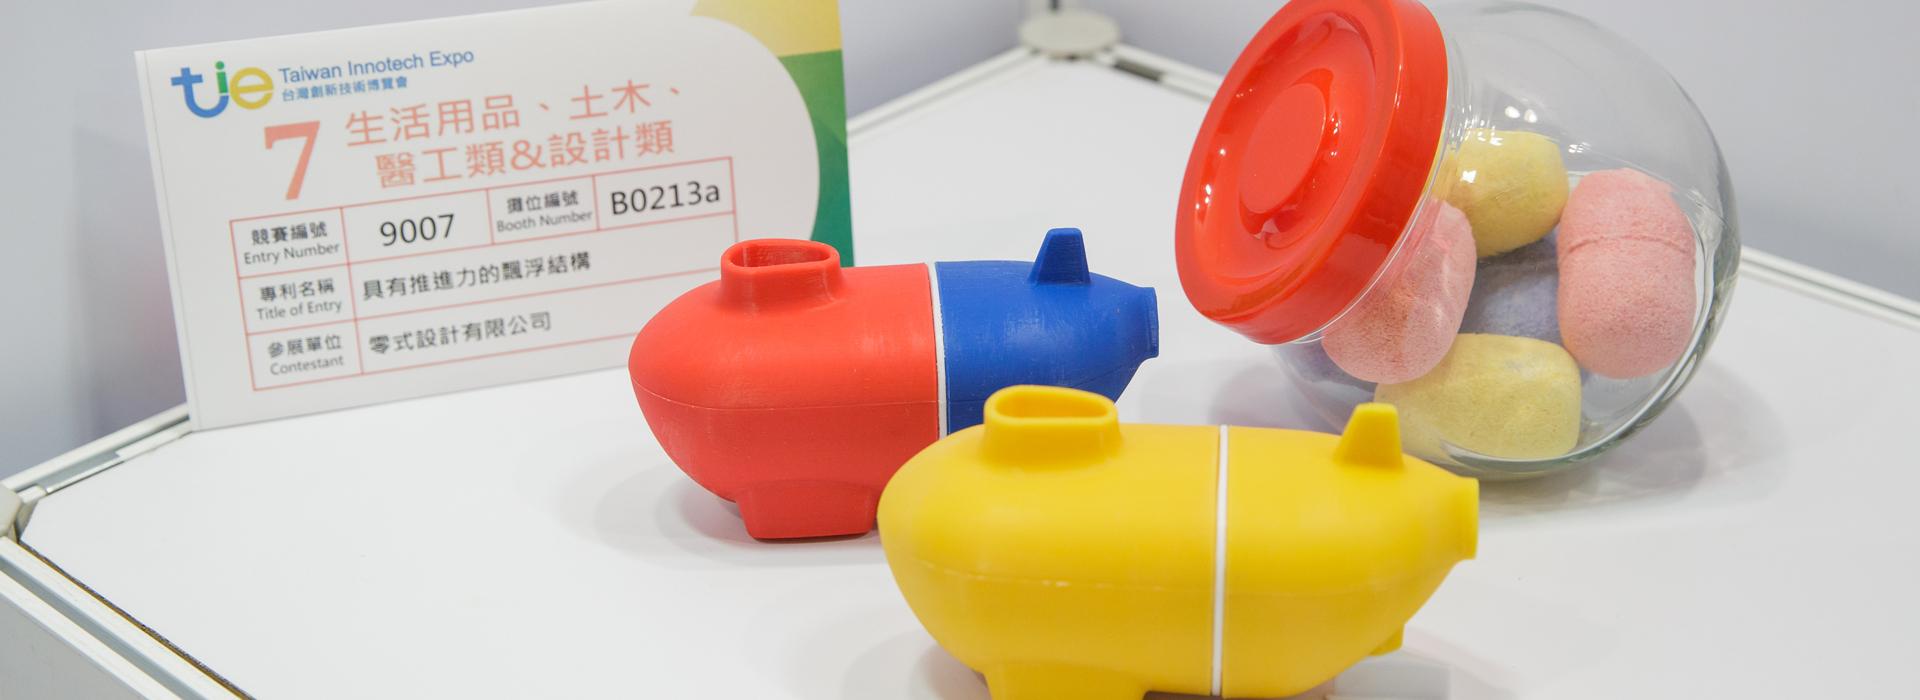 不再擔心泡澡玩具發霉  BABO用創意讓泡澡充滿驚喜  台灣創新技術博覽會案例